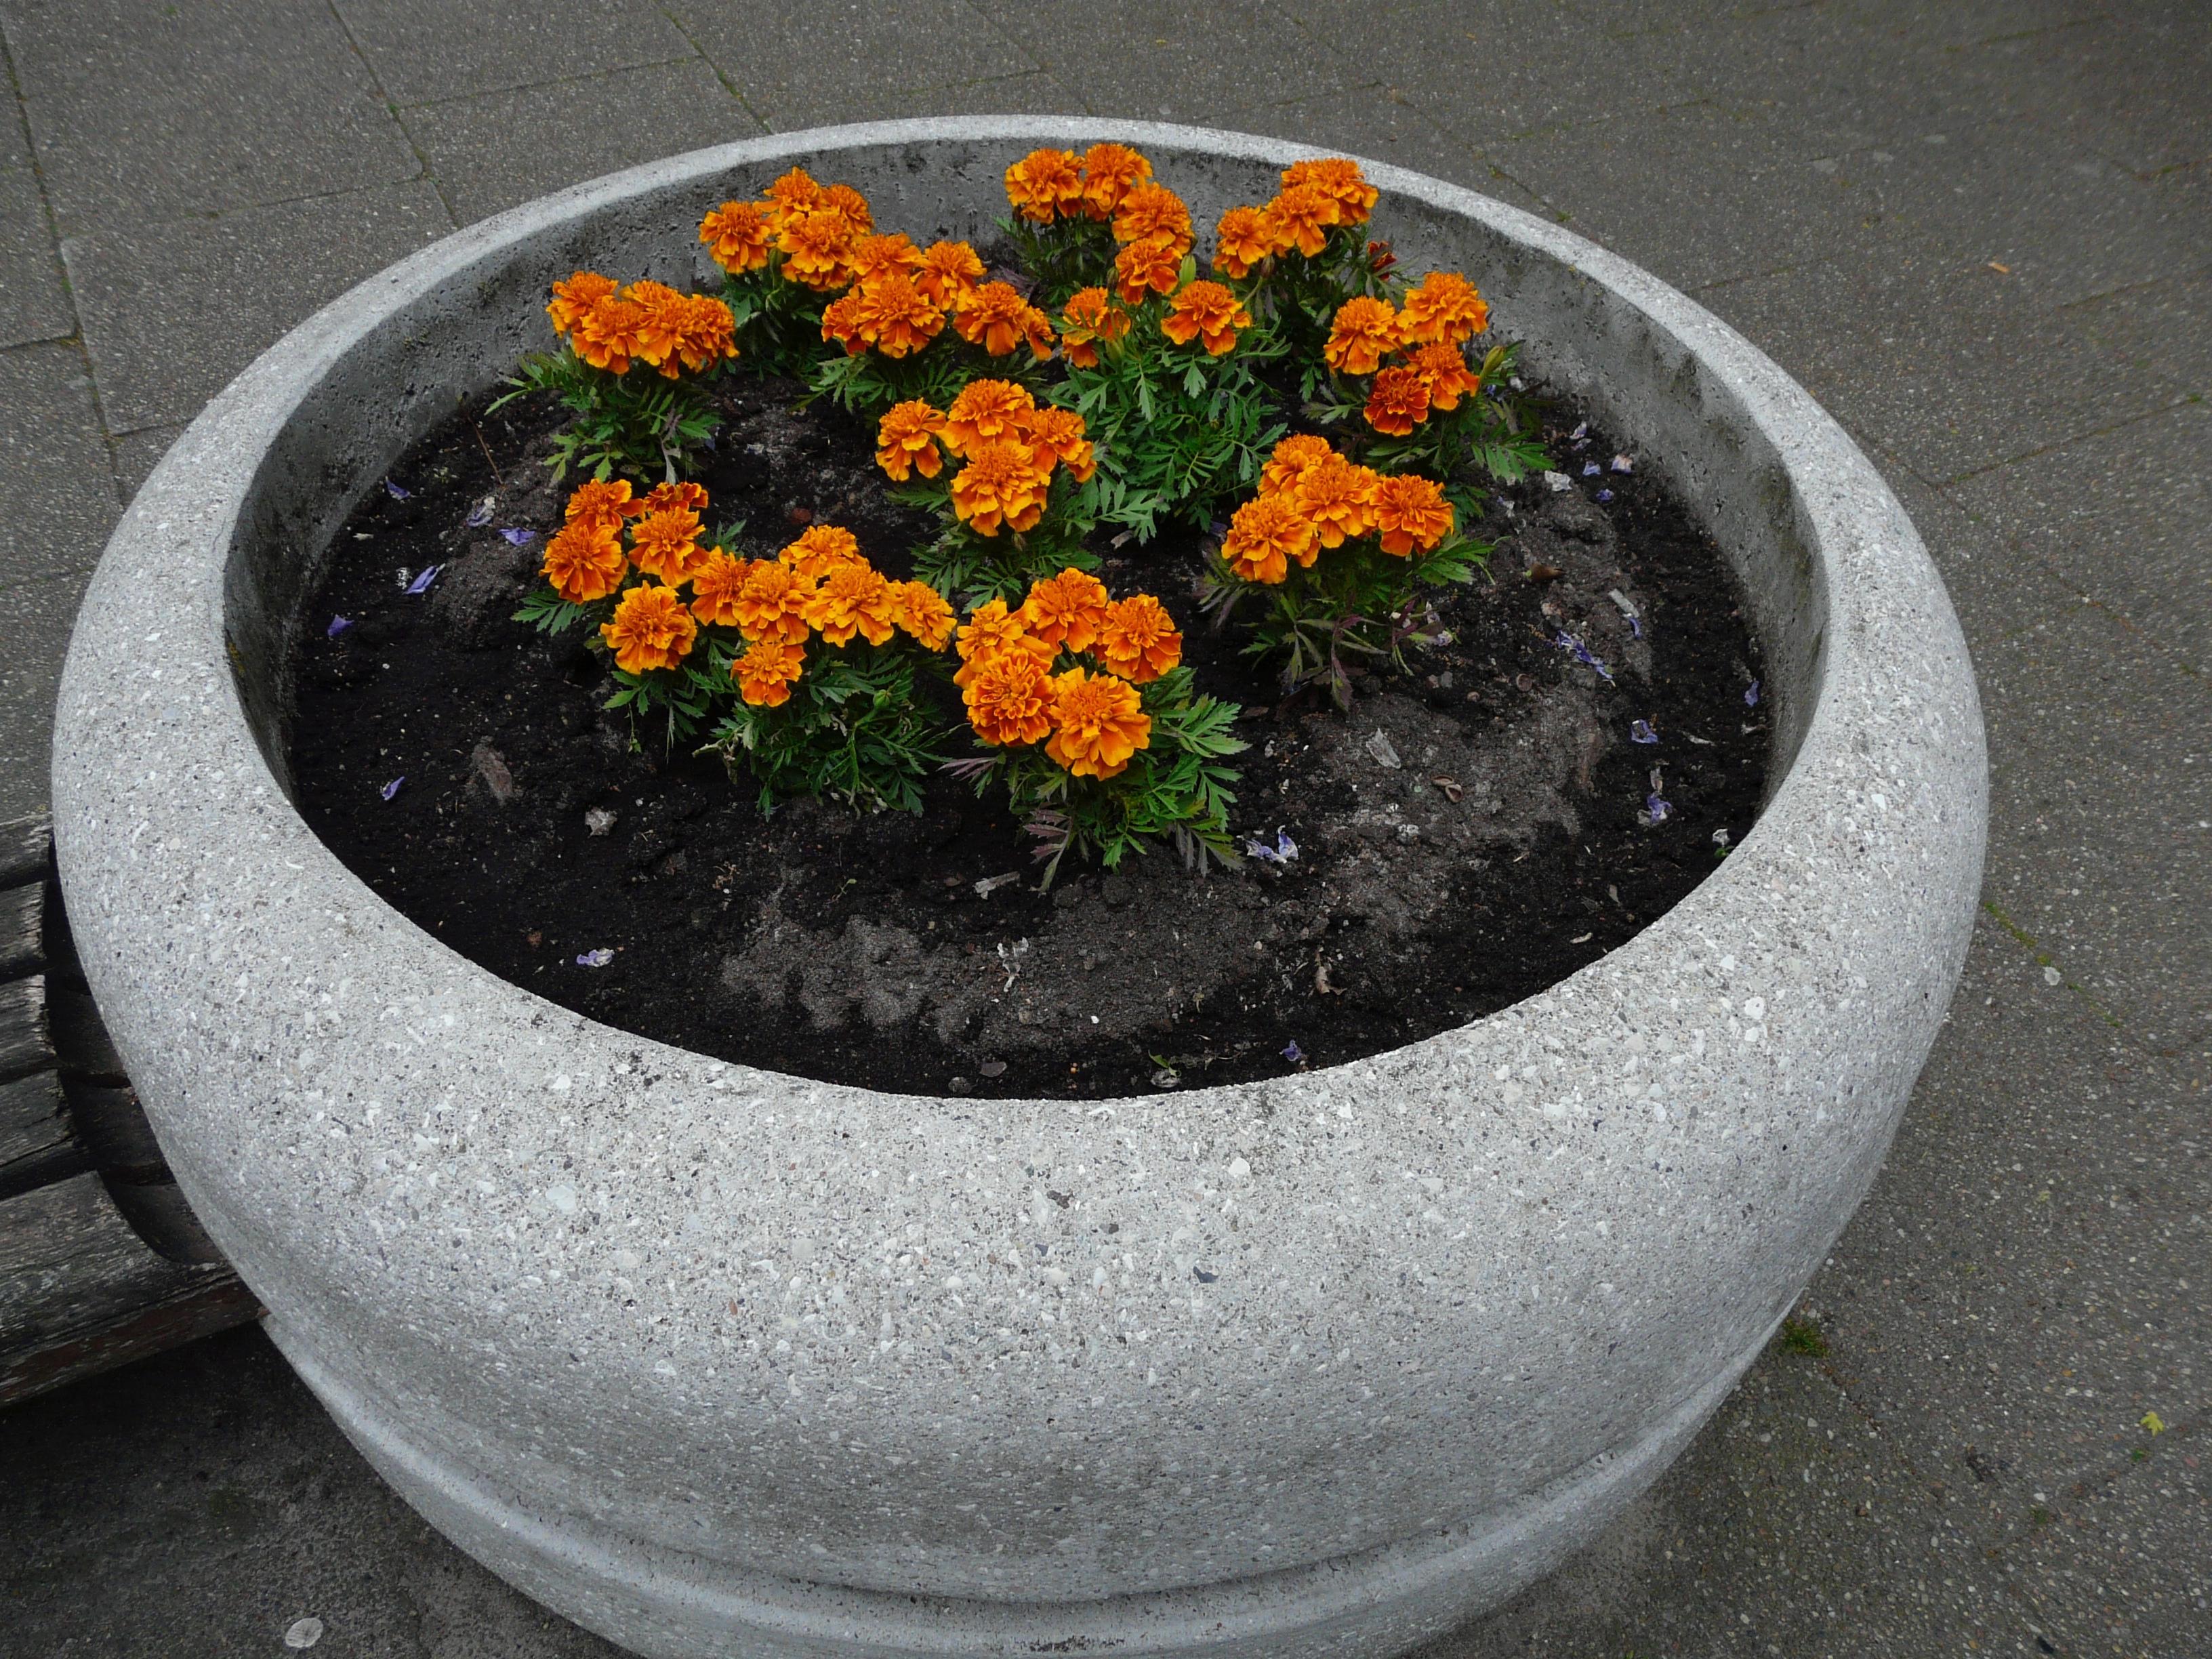 hbo -Die Blumenkübel im Zentrum Neugraben müssen weg. Wer will sie haben?